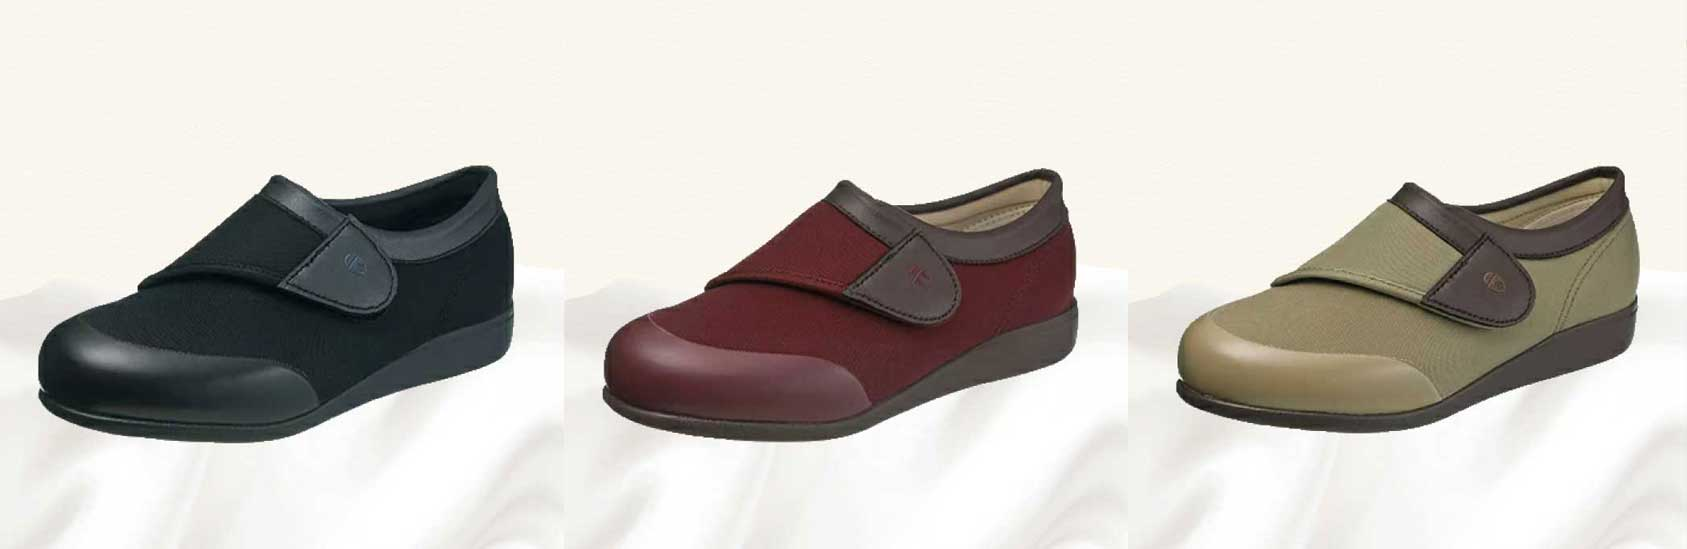 รองเท้าสำหรับผู้ป่วยเบาหวาน